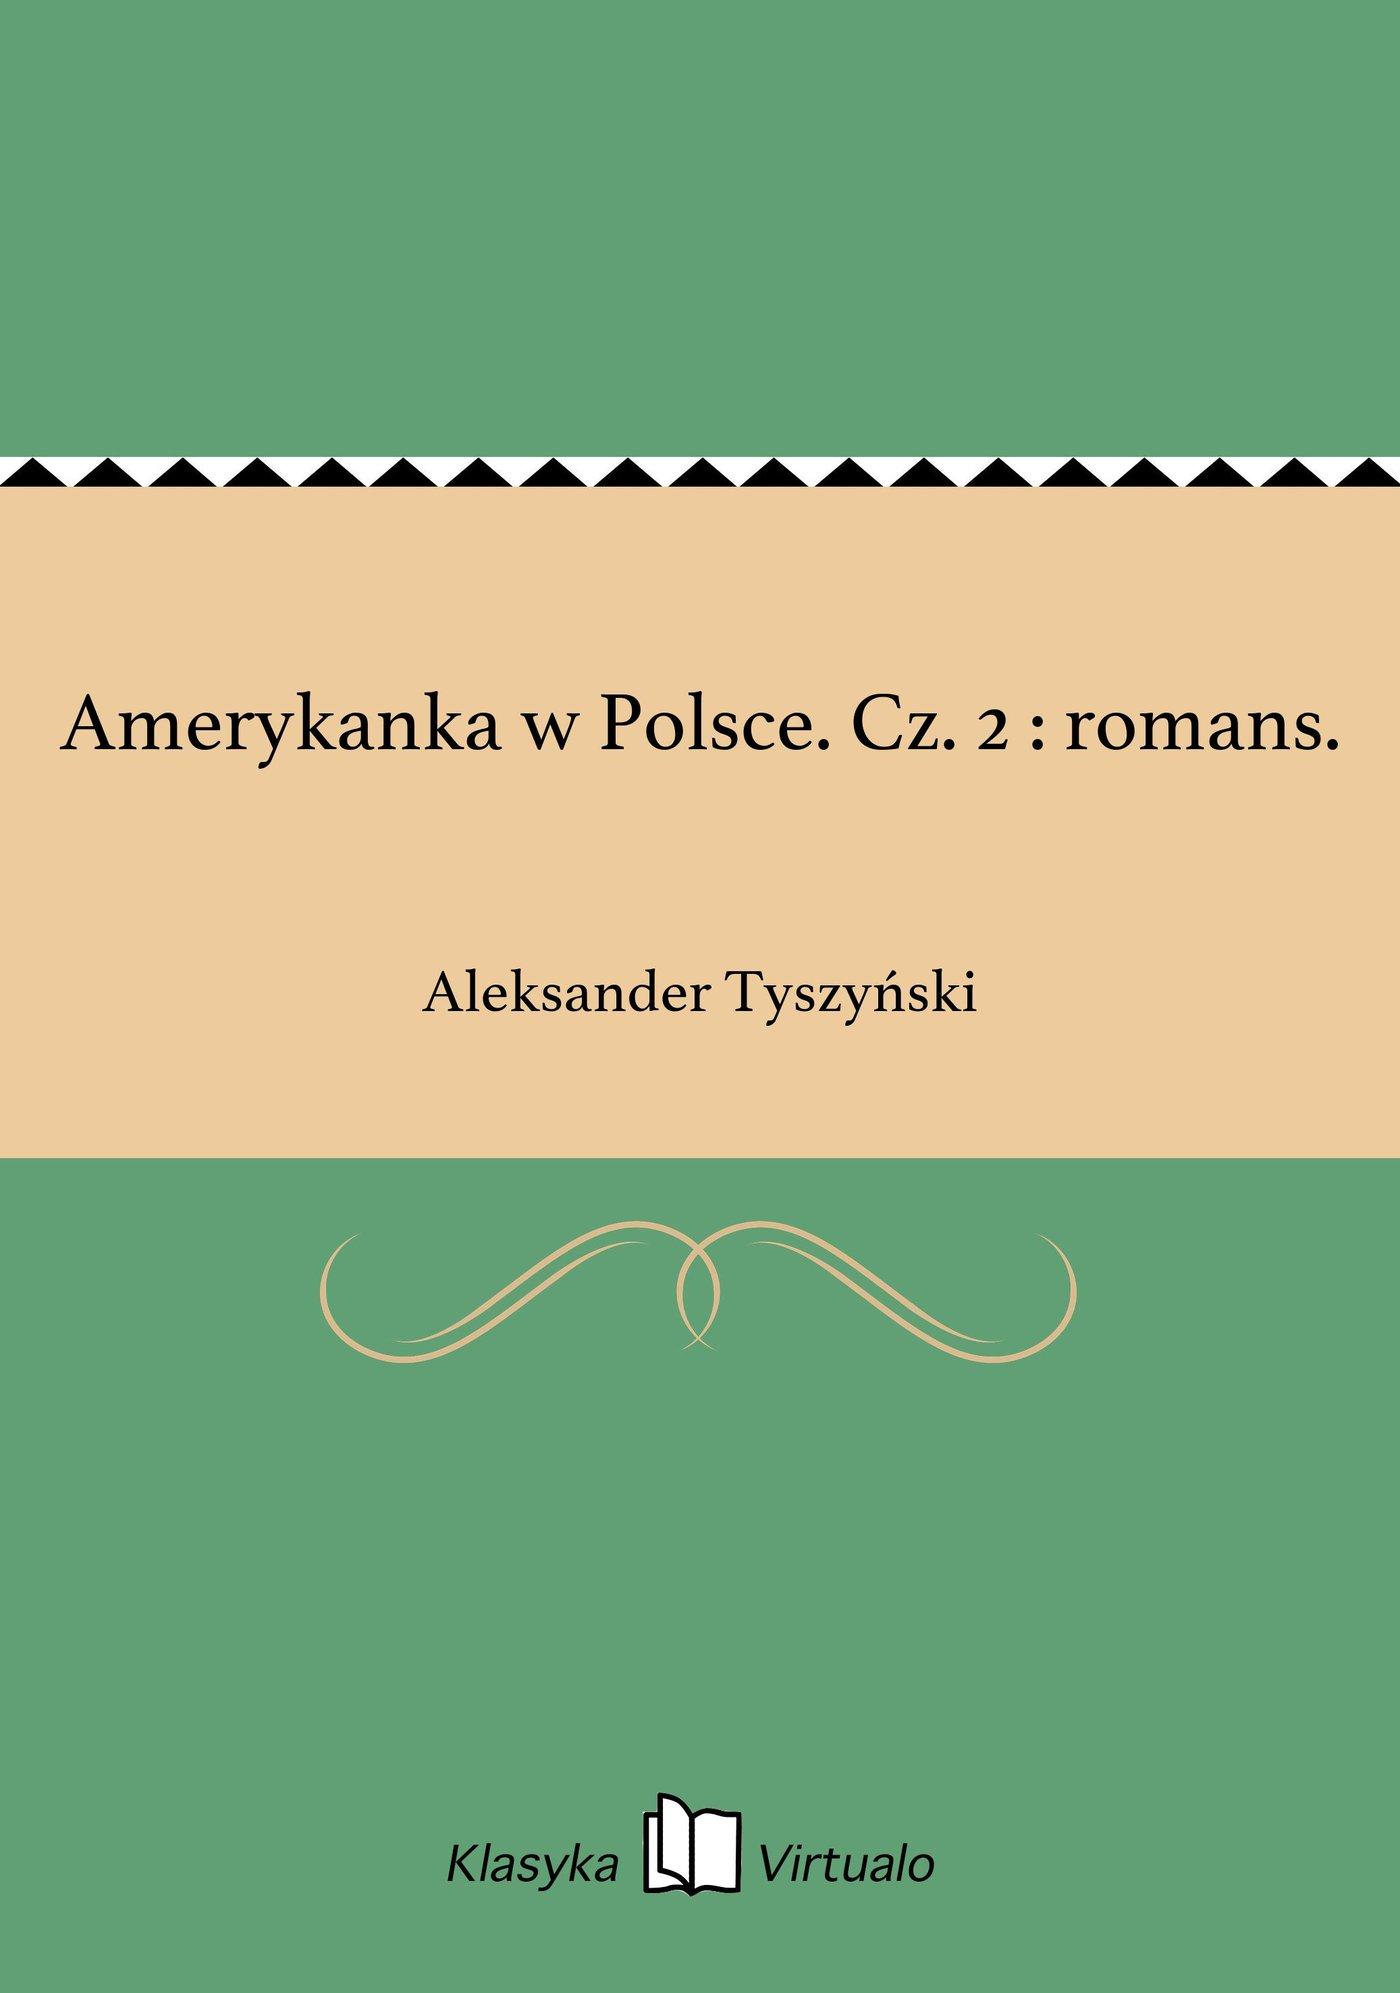 Amerykanka w Polsce. Cz. 2 : romans. - Ebook (Książka EPUB) do pobrania w formacie EPUB